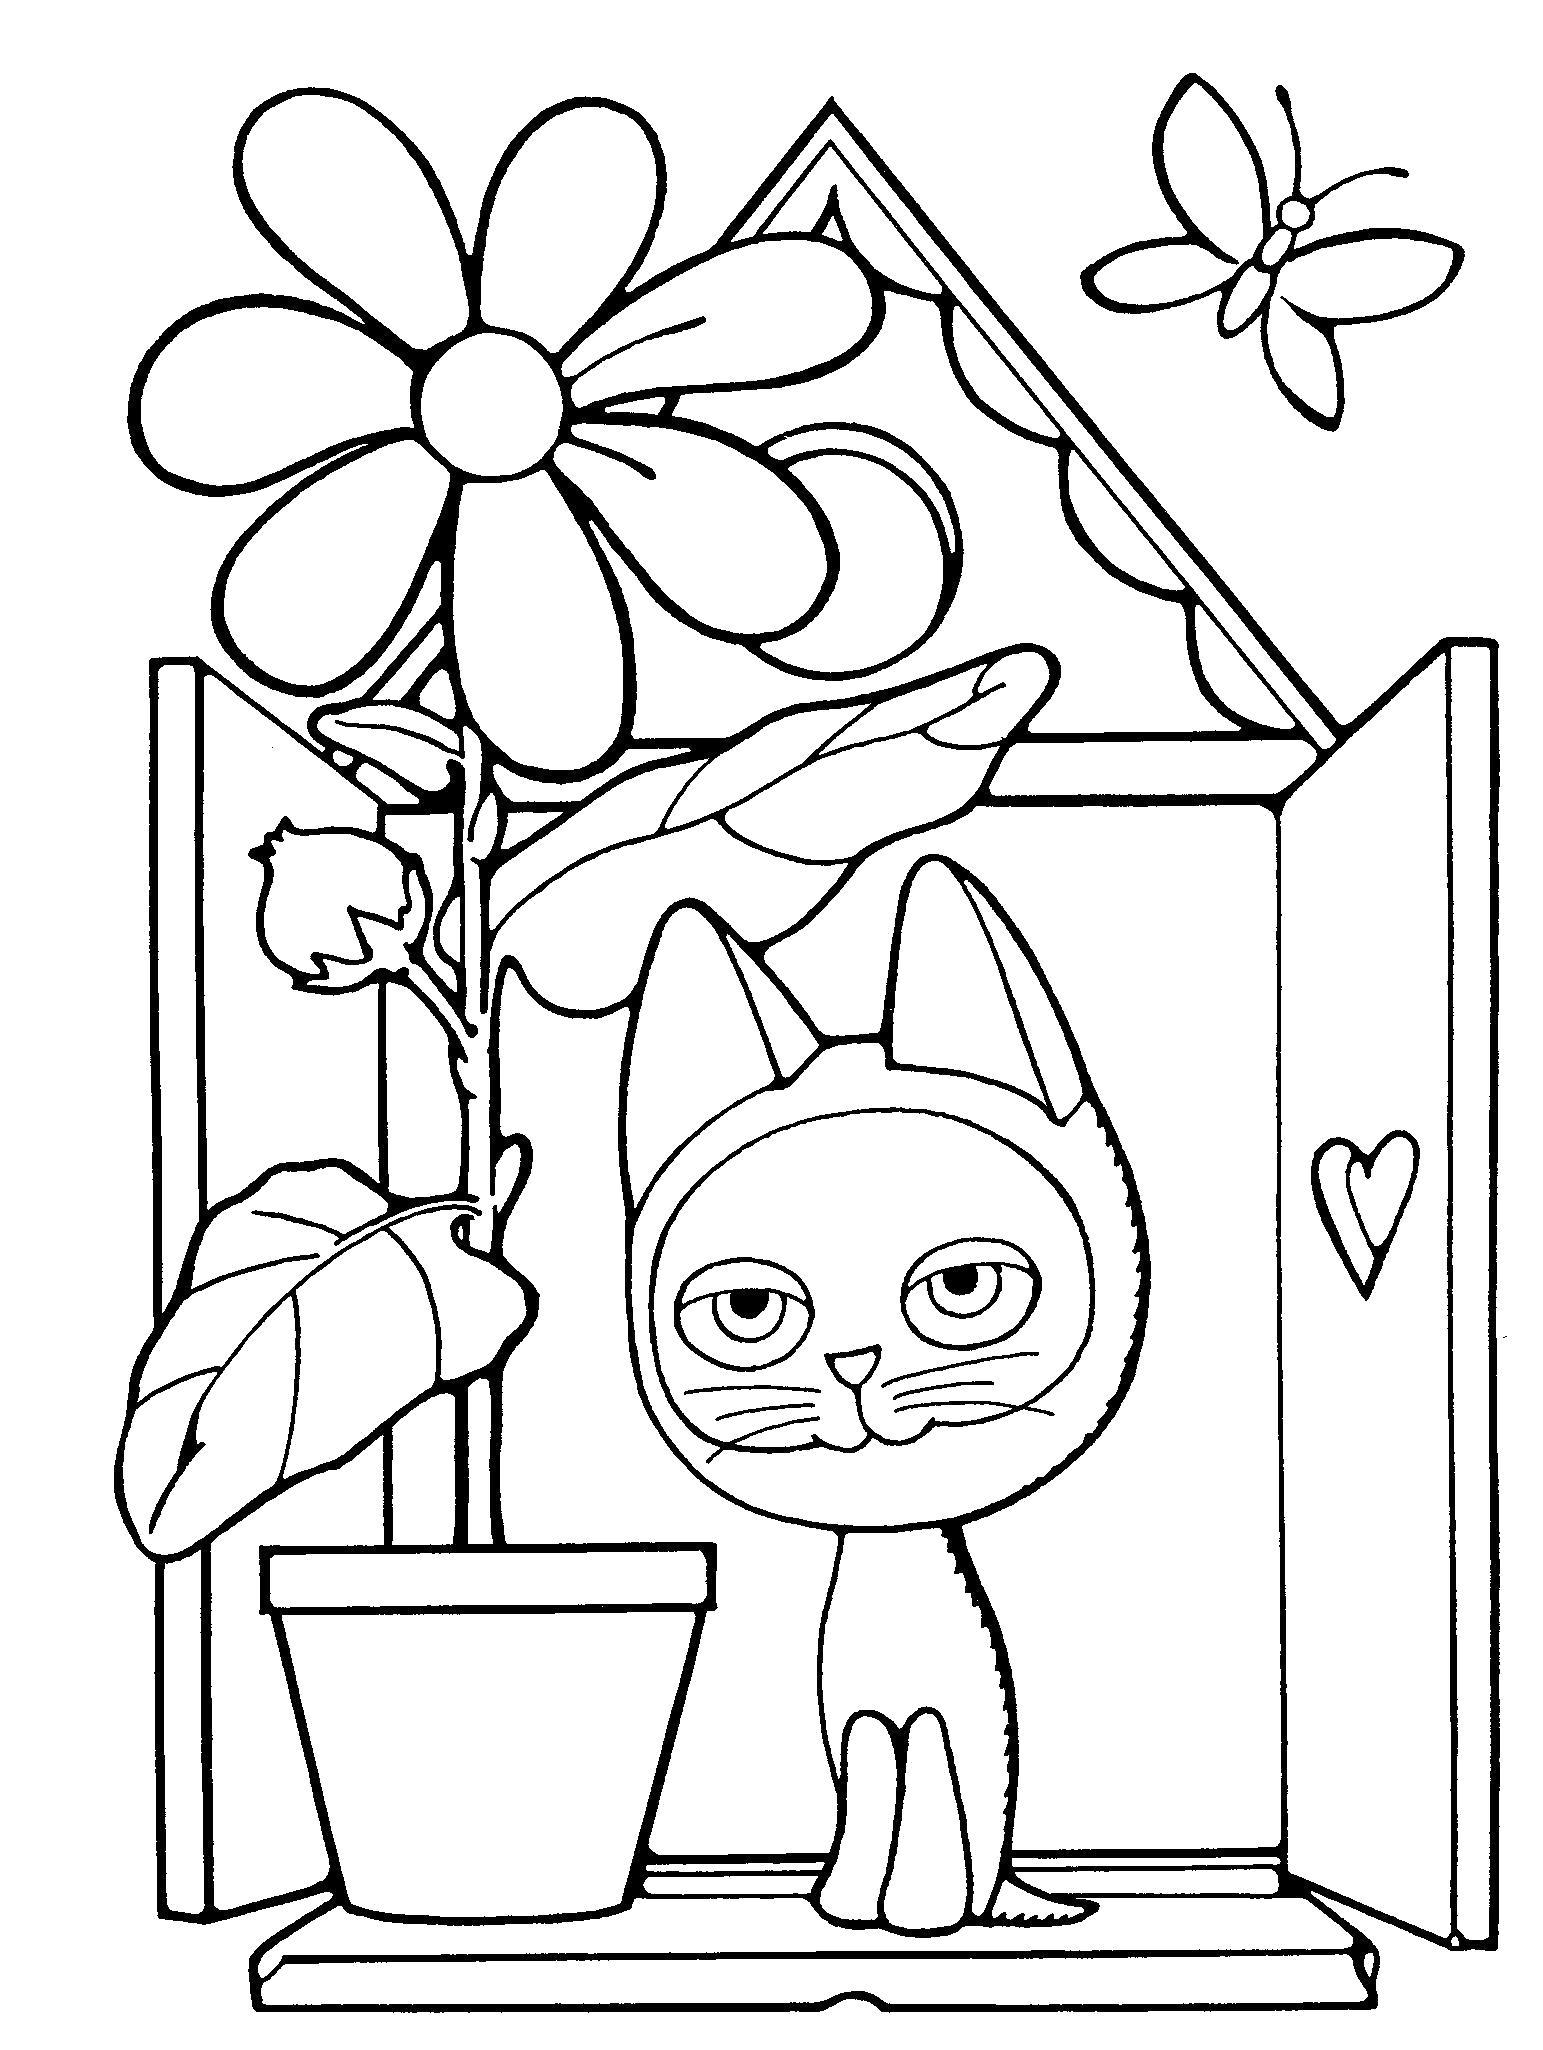 Котенок гав на окне